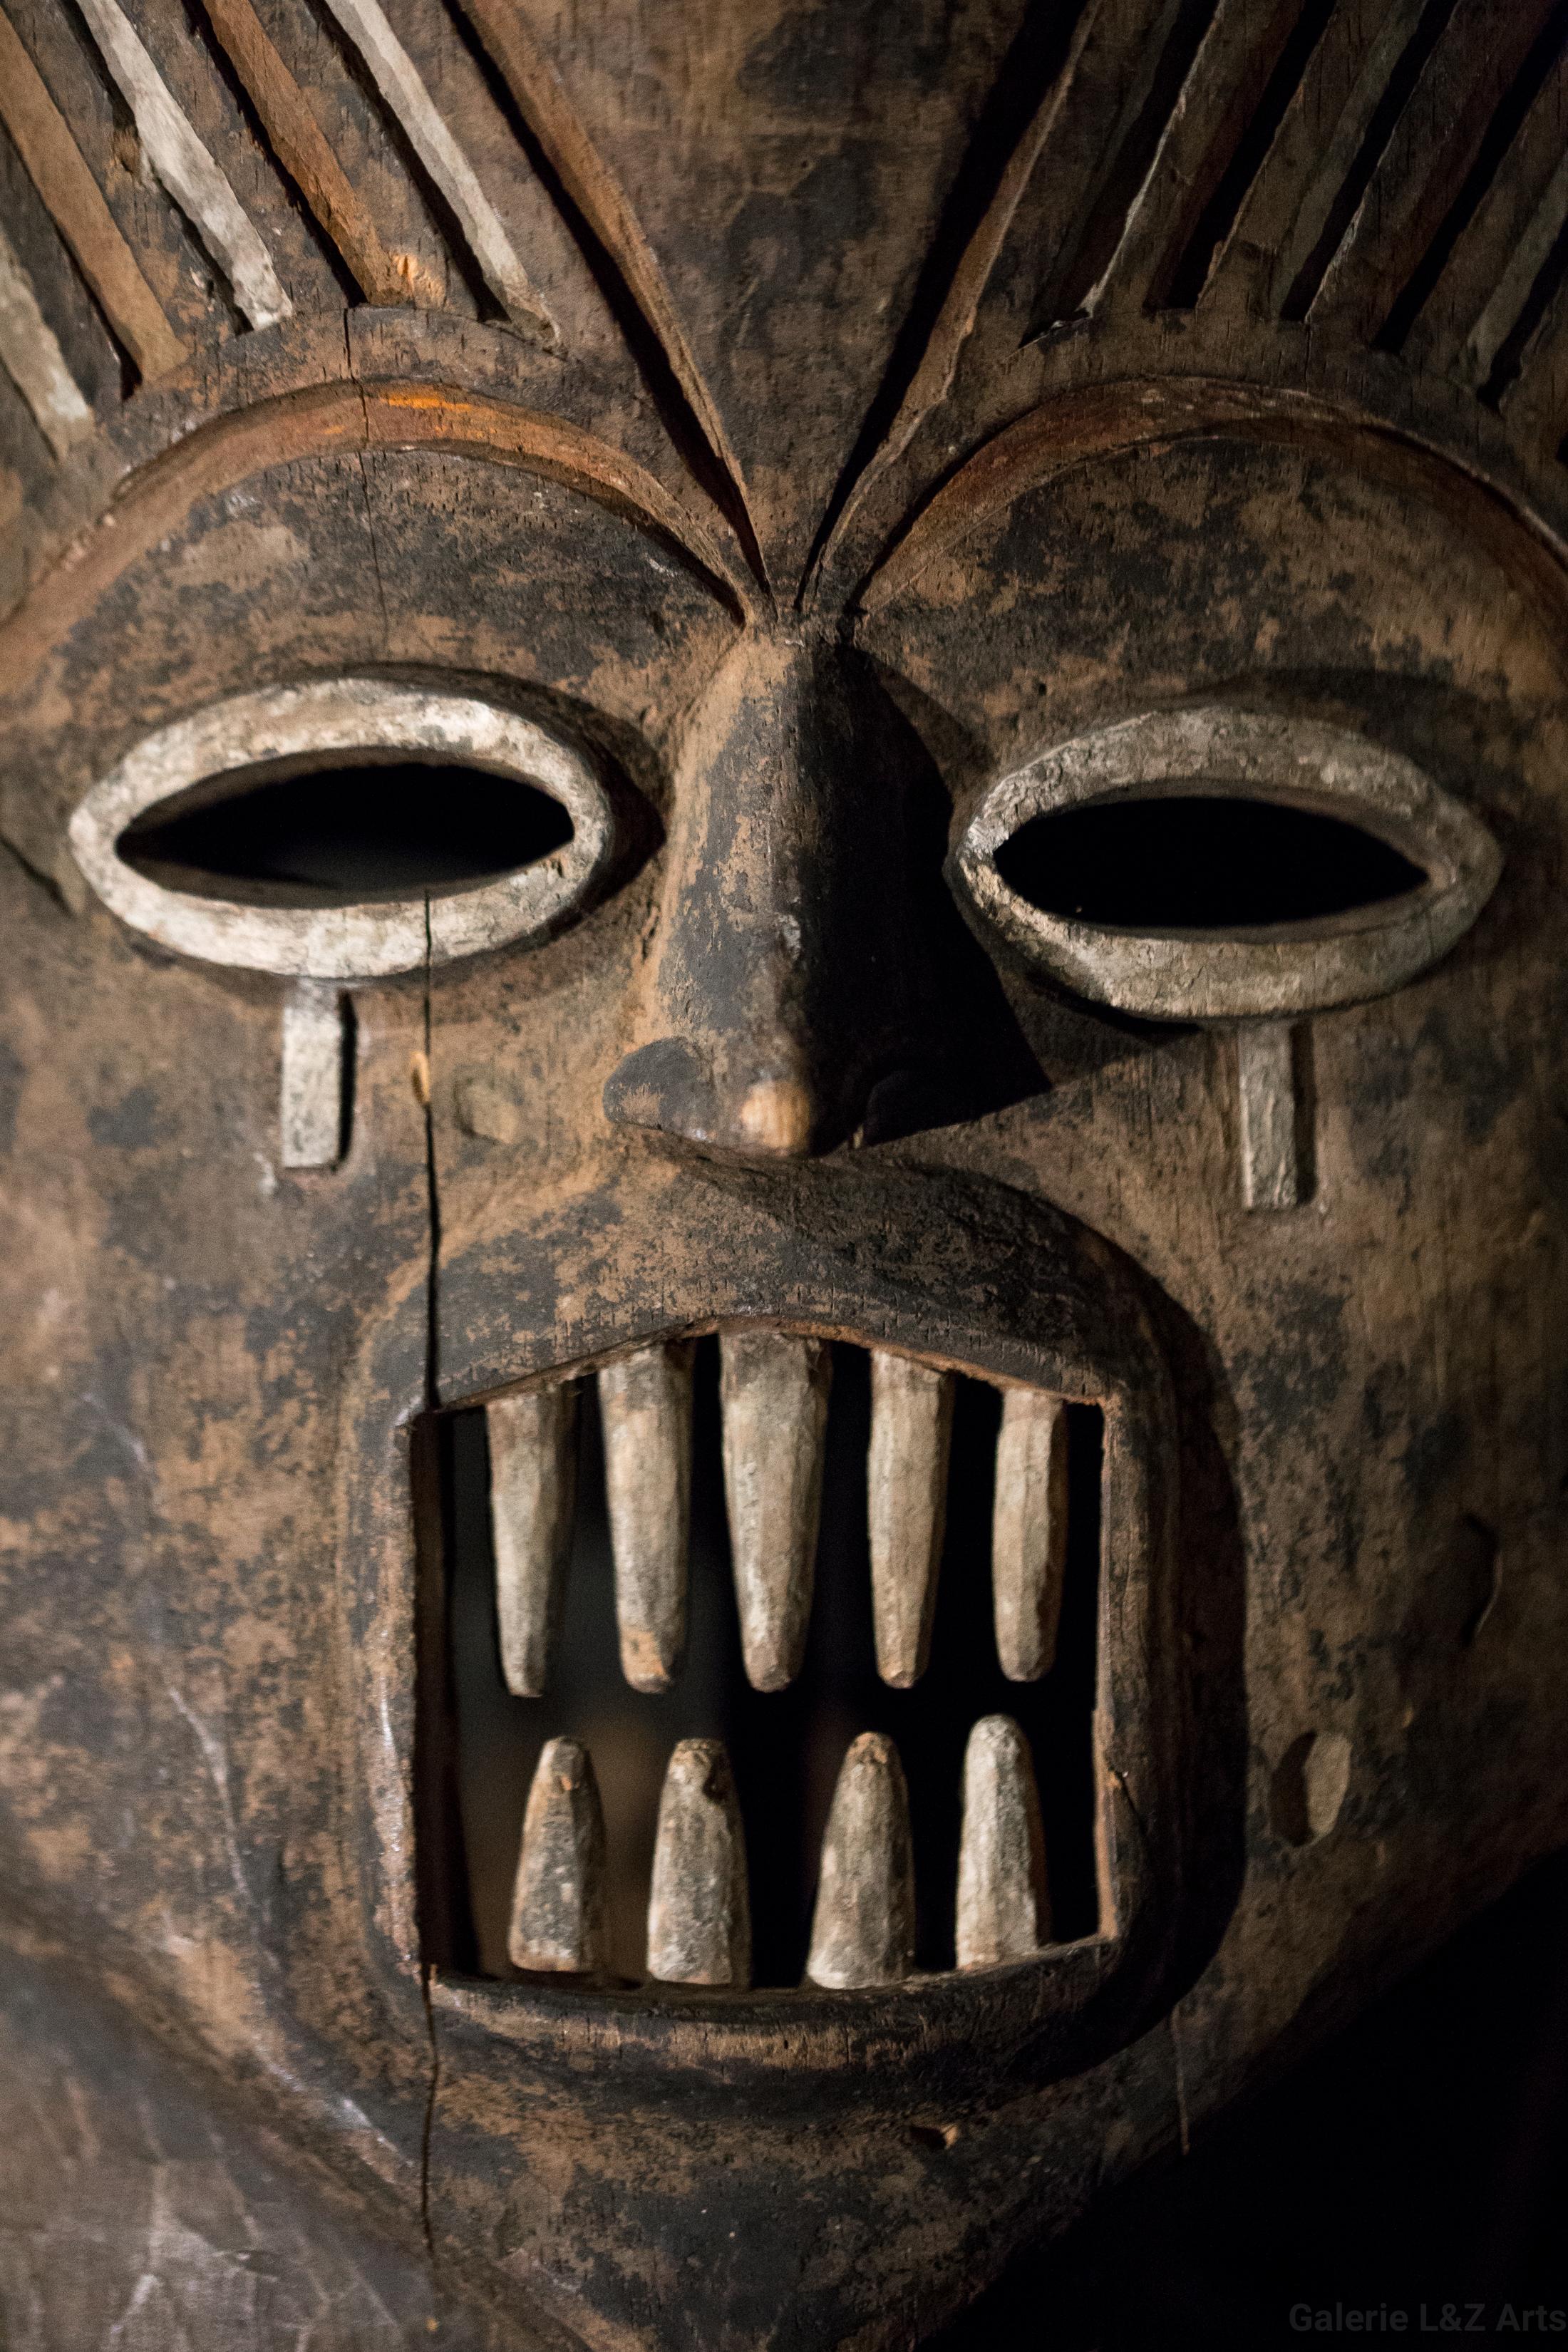 exposition-masque-art-tribal-africain-musee-quai-branly-belgique-galerie-lz-arts-liege-cite-miroir-oceanie-asie-japon-amerique-art-premier-nepal-8.jpg